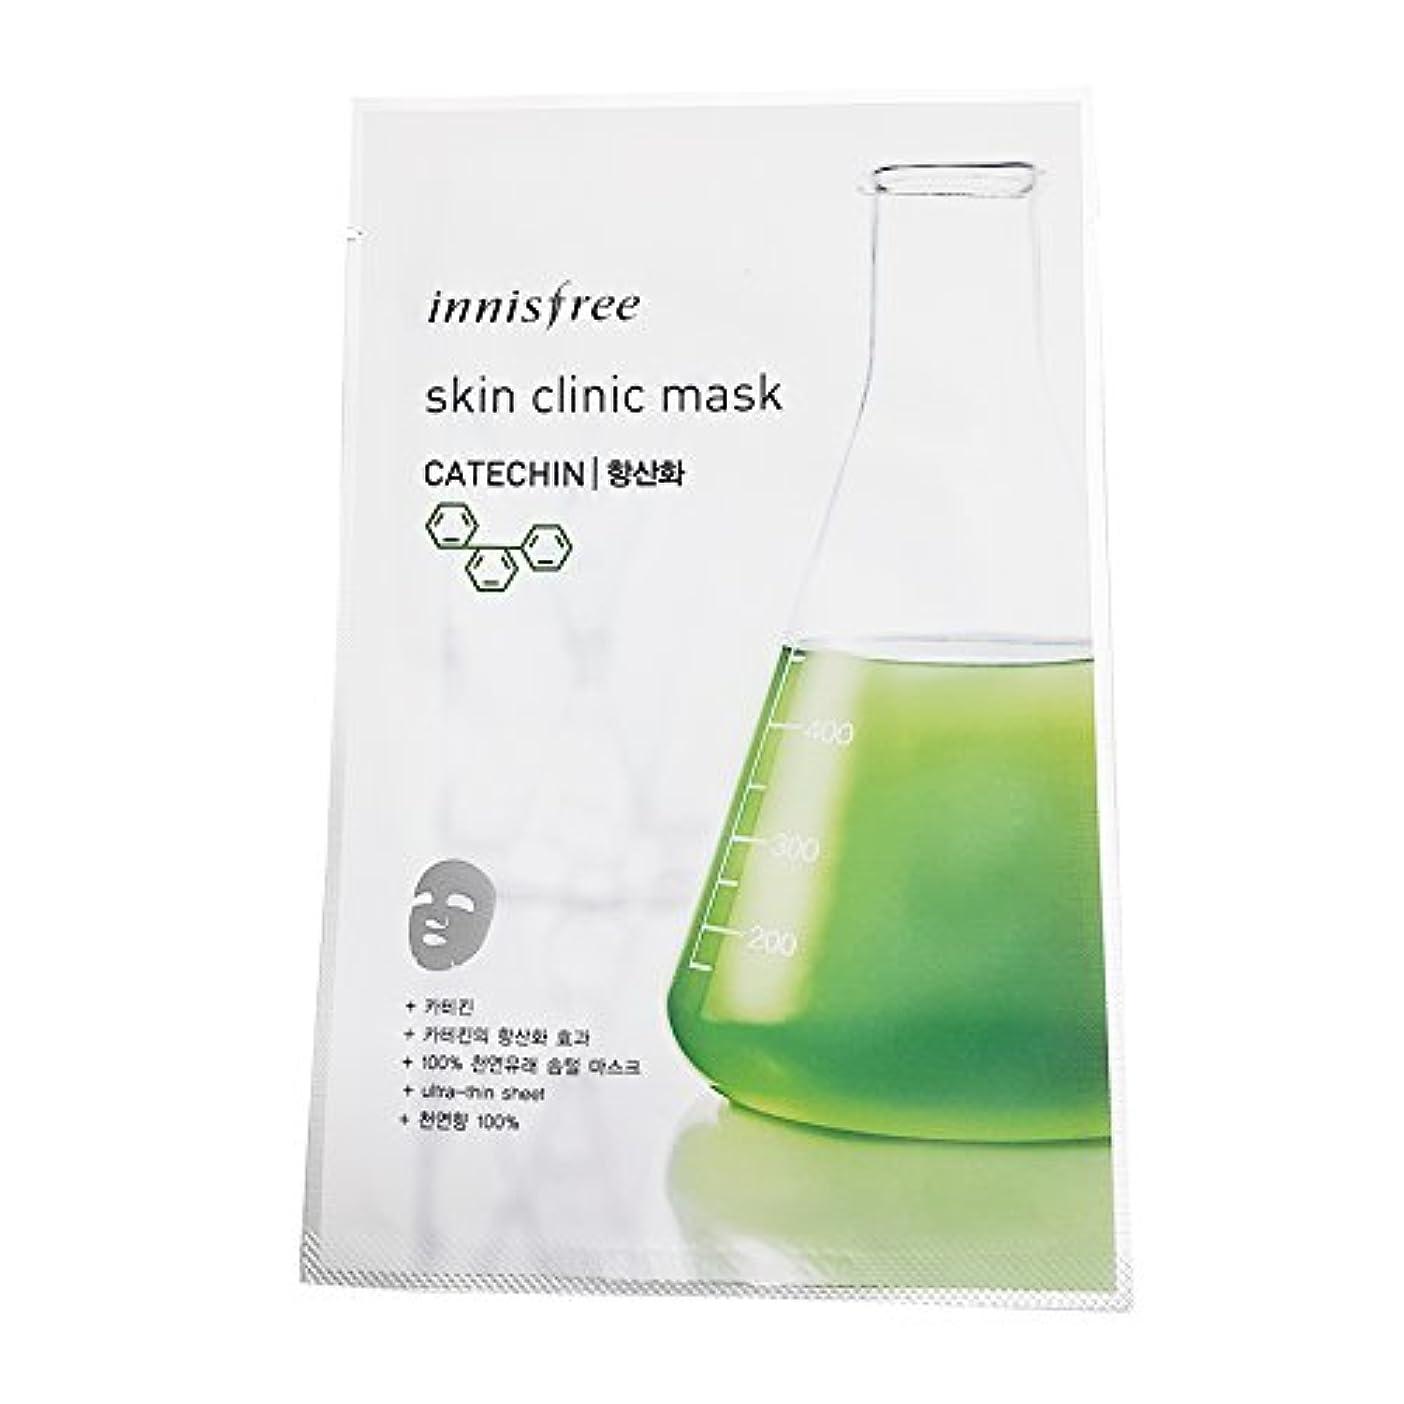 混雑倉庫常習的[イニスプリー] Innisfree スキンクリニックマスク(20ml)-カテキン(抗酸化用) Innisfree Skin Clinic Mask(20ml)-Catechin for Antioxidant Effect...